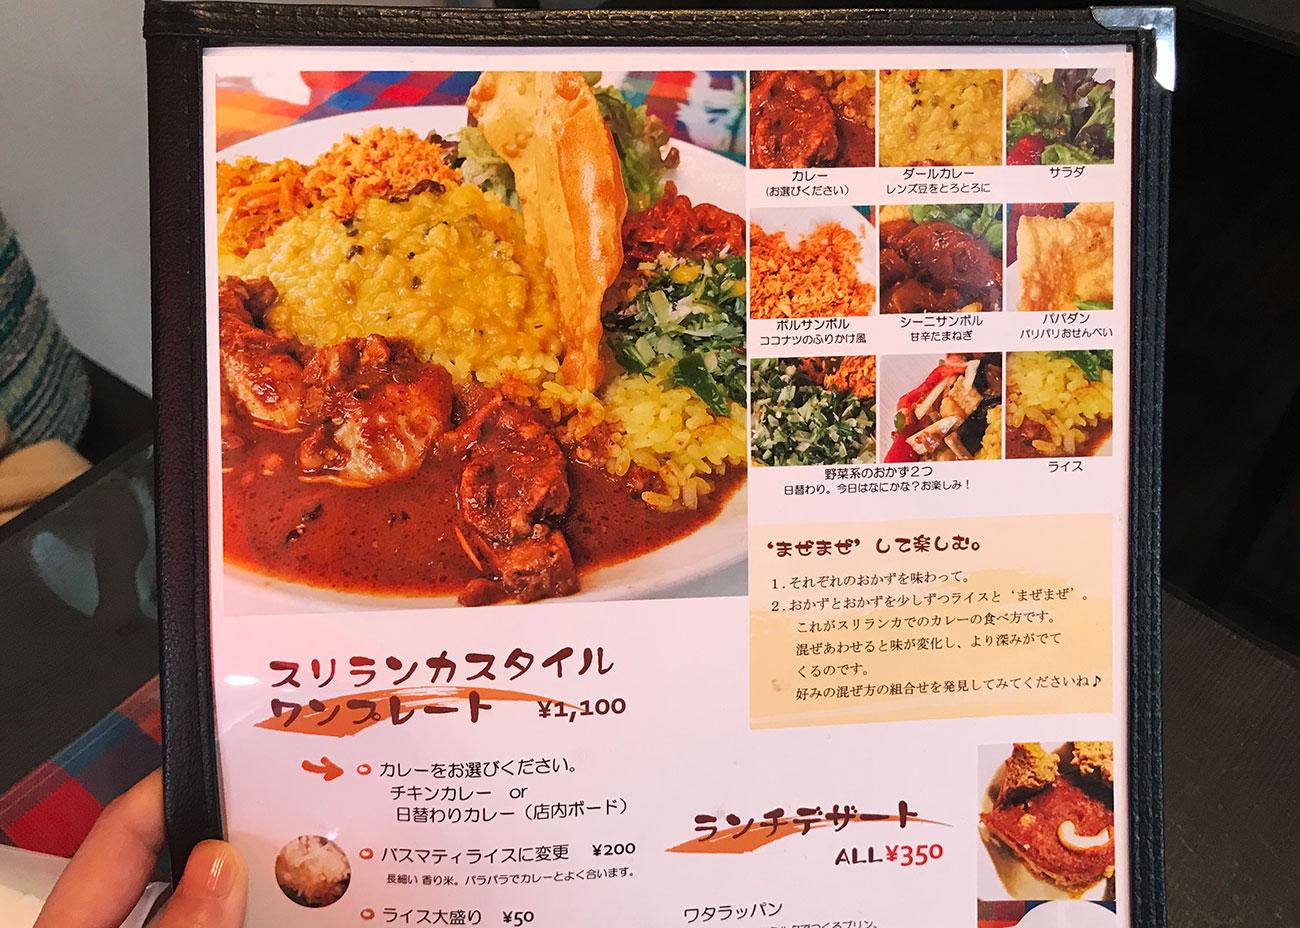 神奈川のスリランカ料理シナモンガーデンメニュー